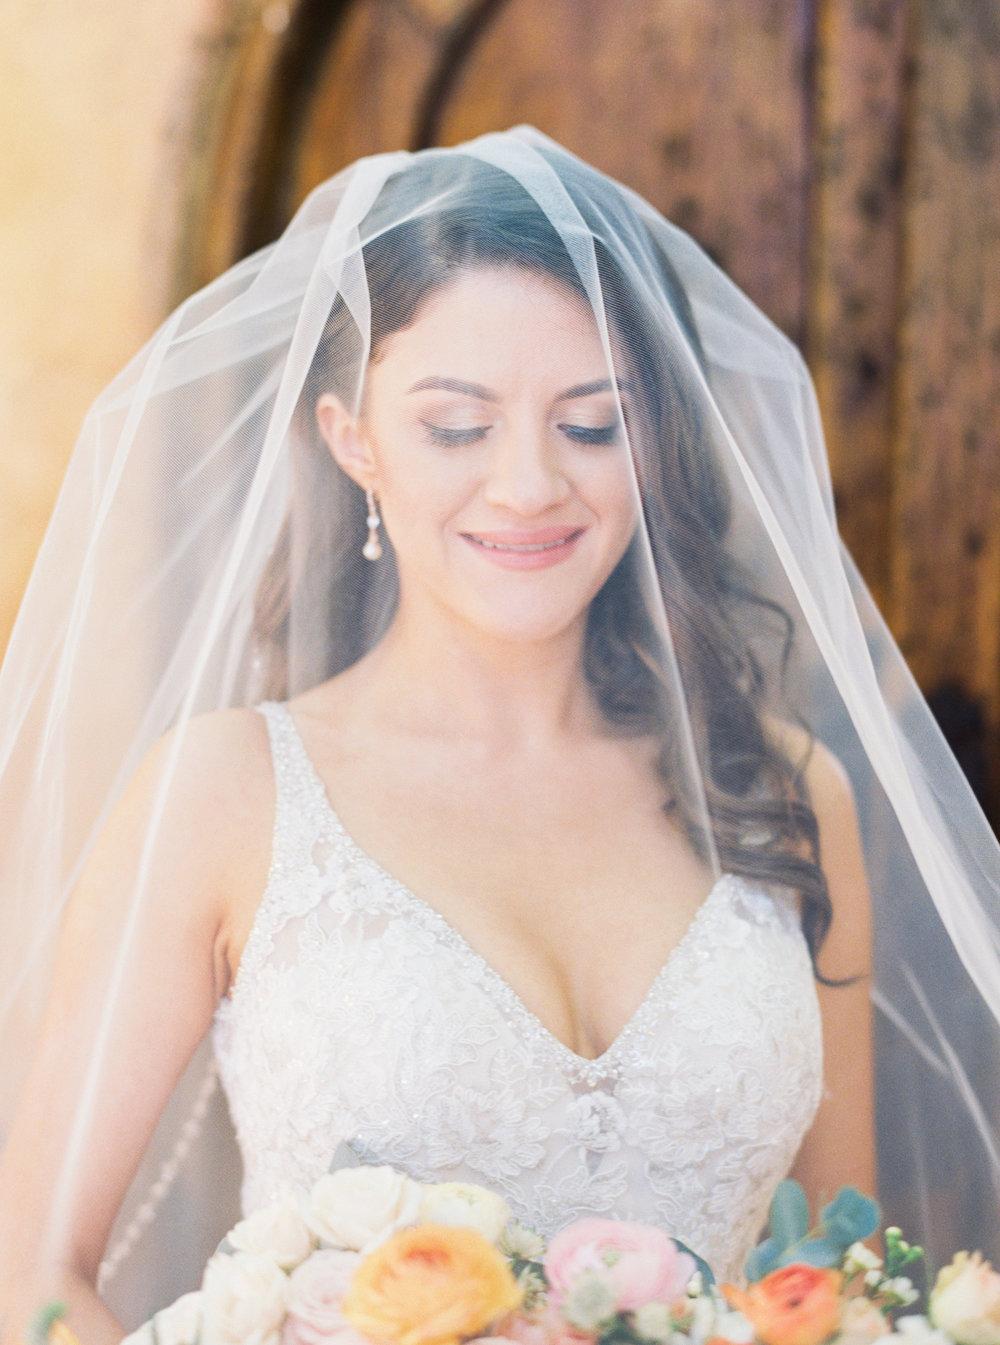 BrideGroom-07-3.jpg